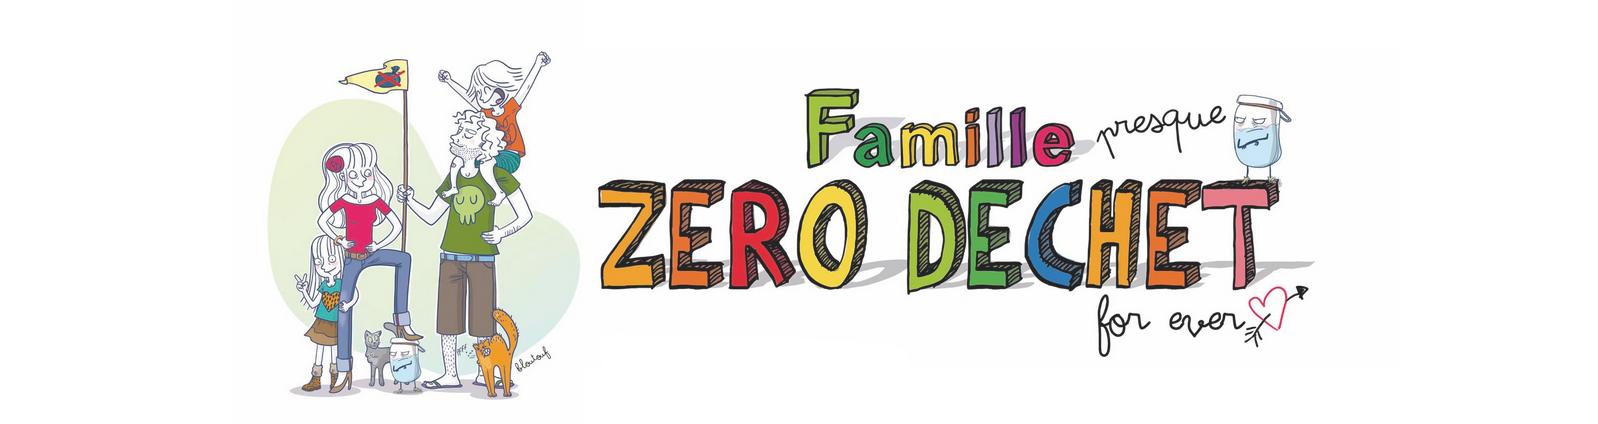 zéro-déchet-famille-green